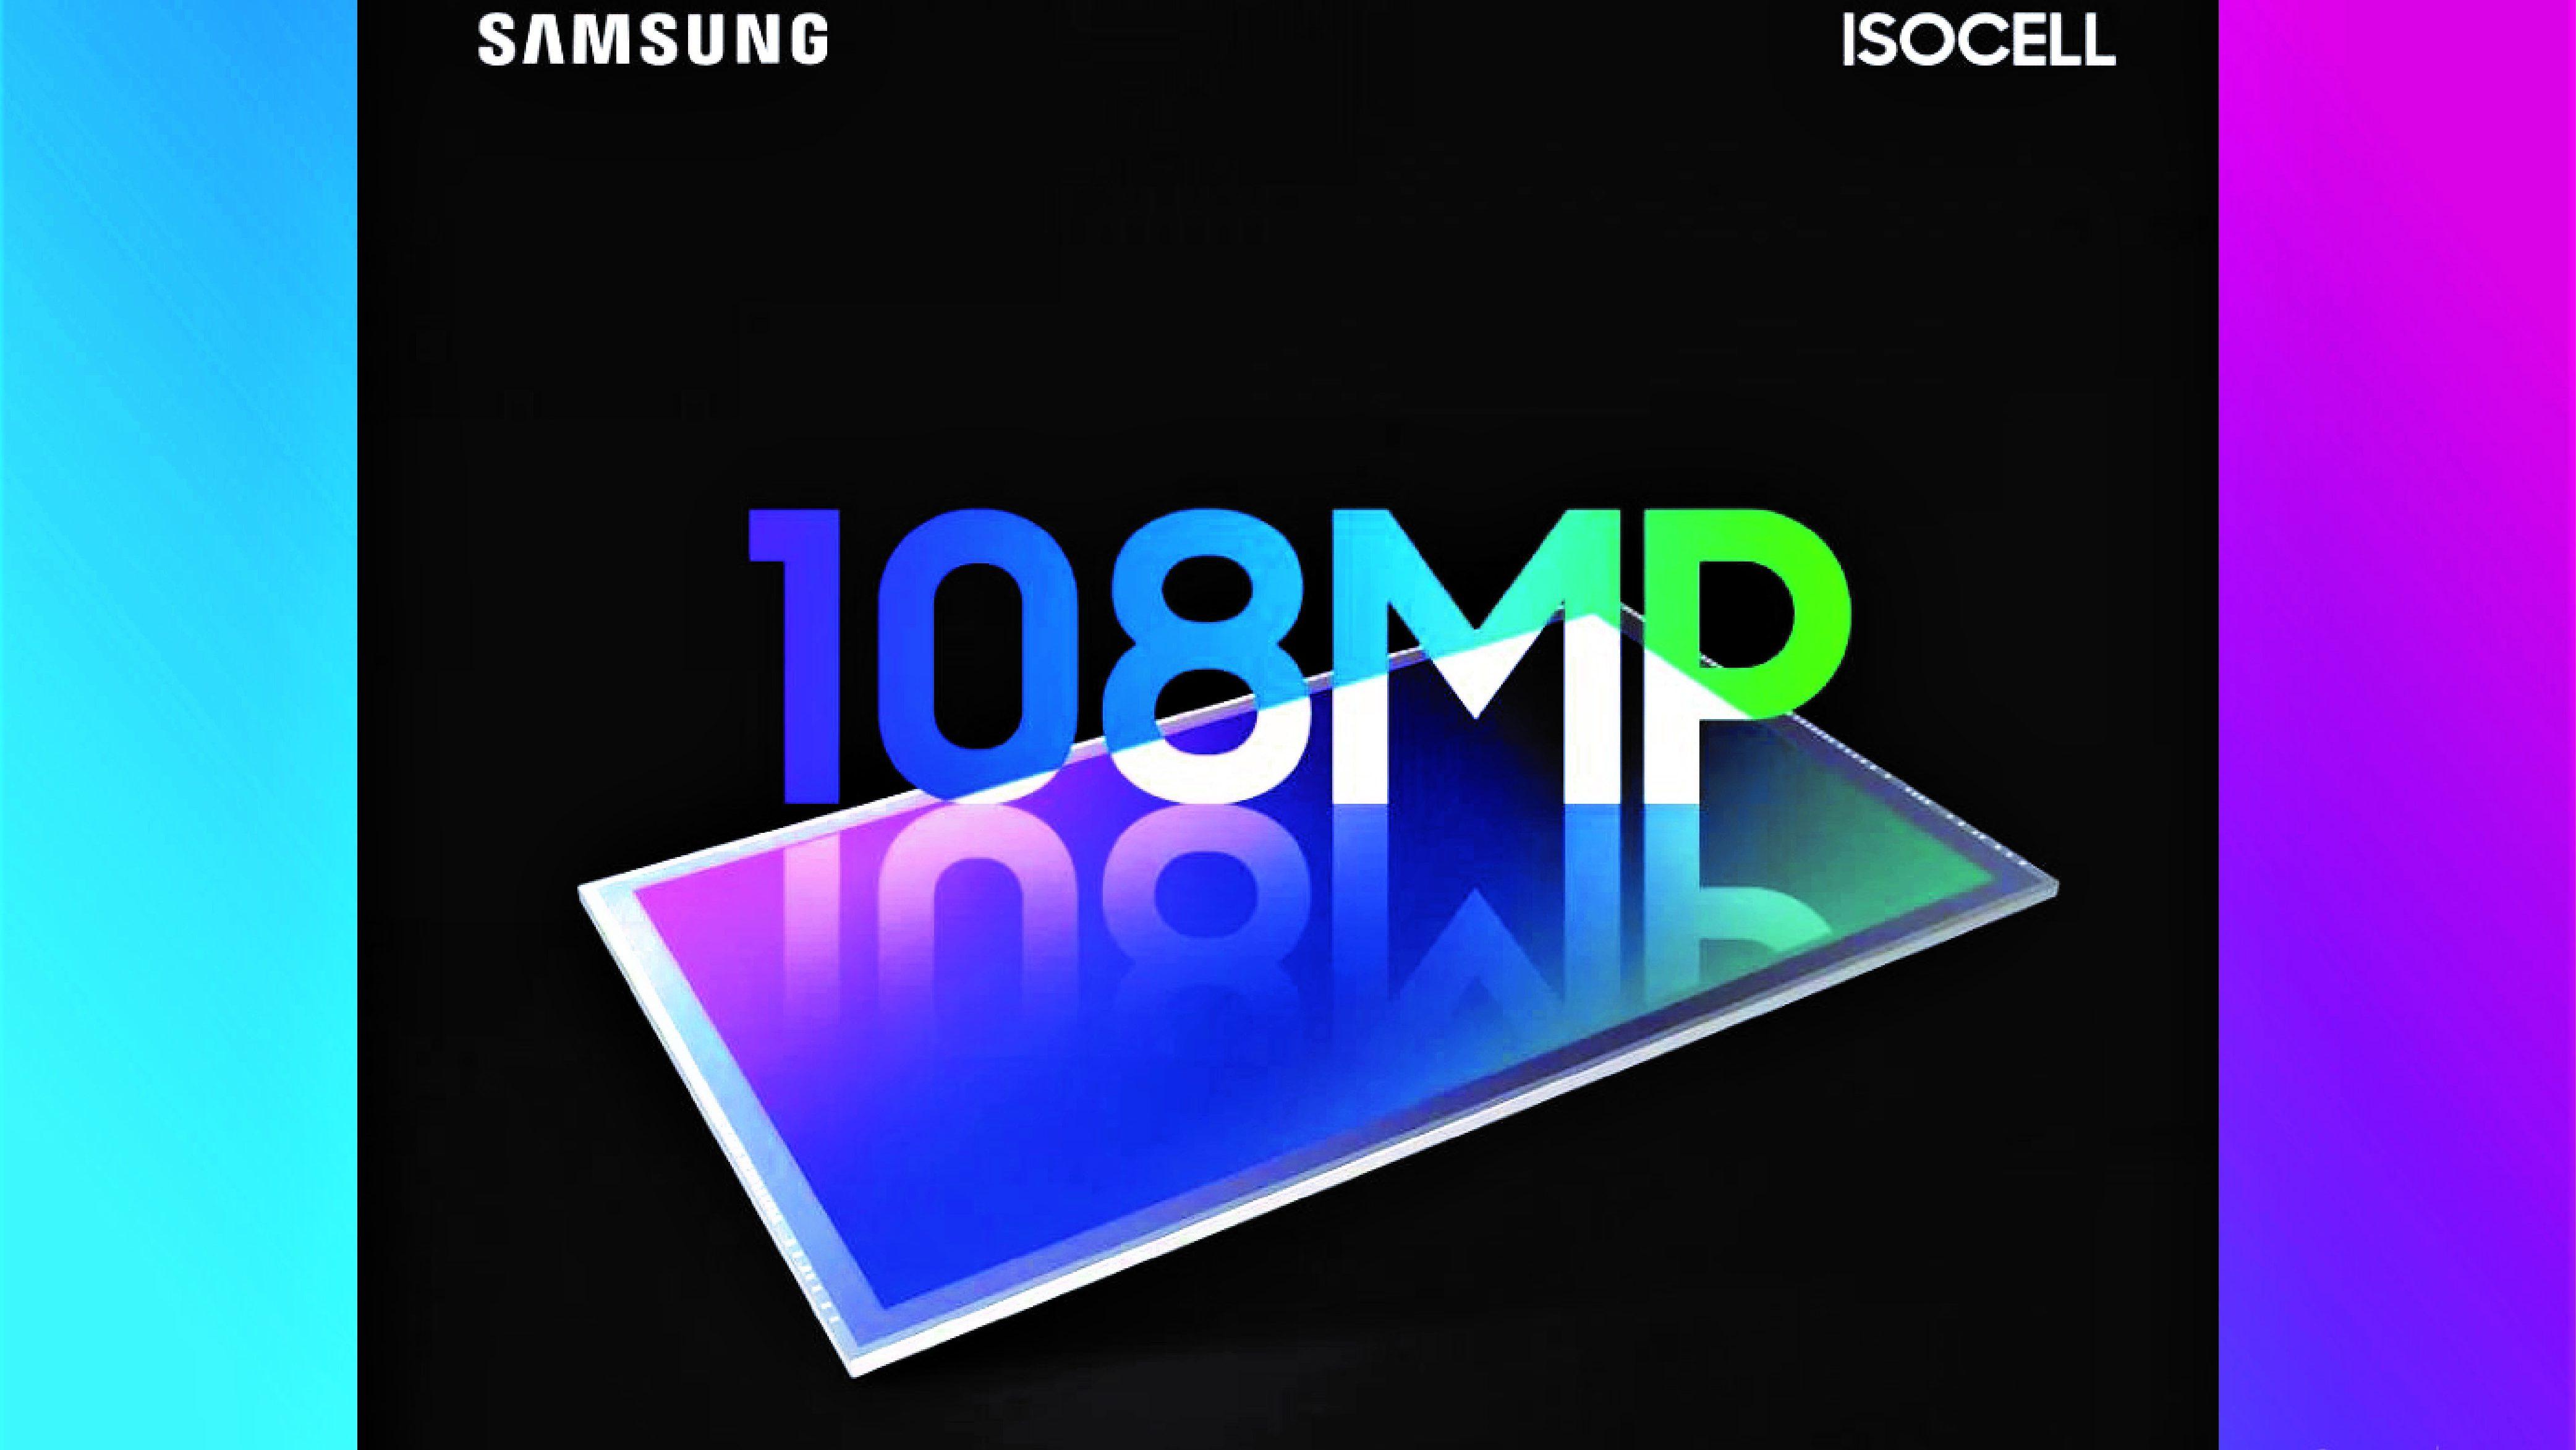 Le module photo du Galaxy S11 serait une nouvelle version du 108 Mp développé avec Xiaomi